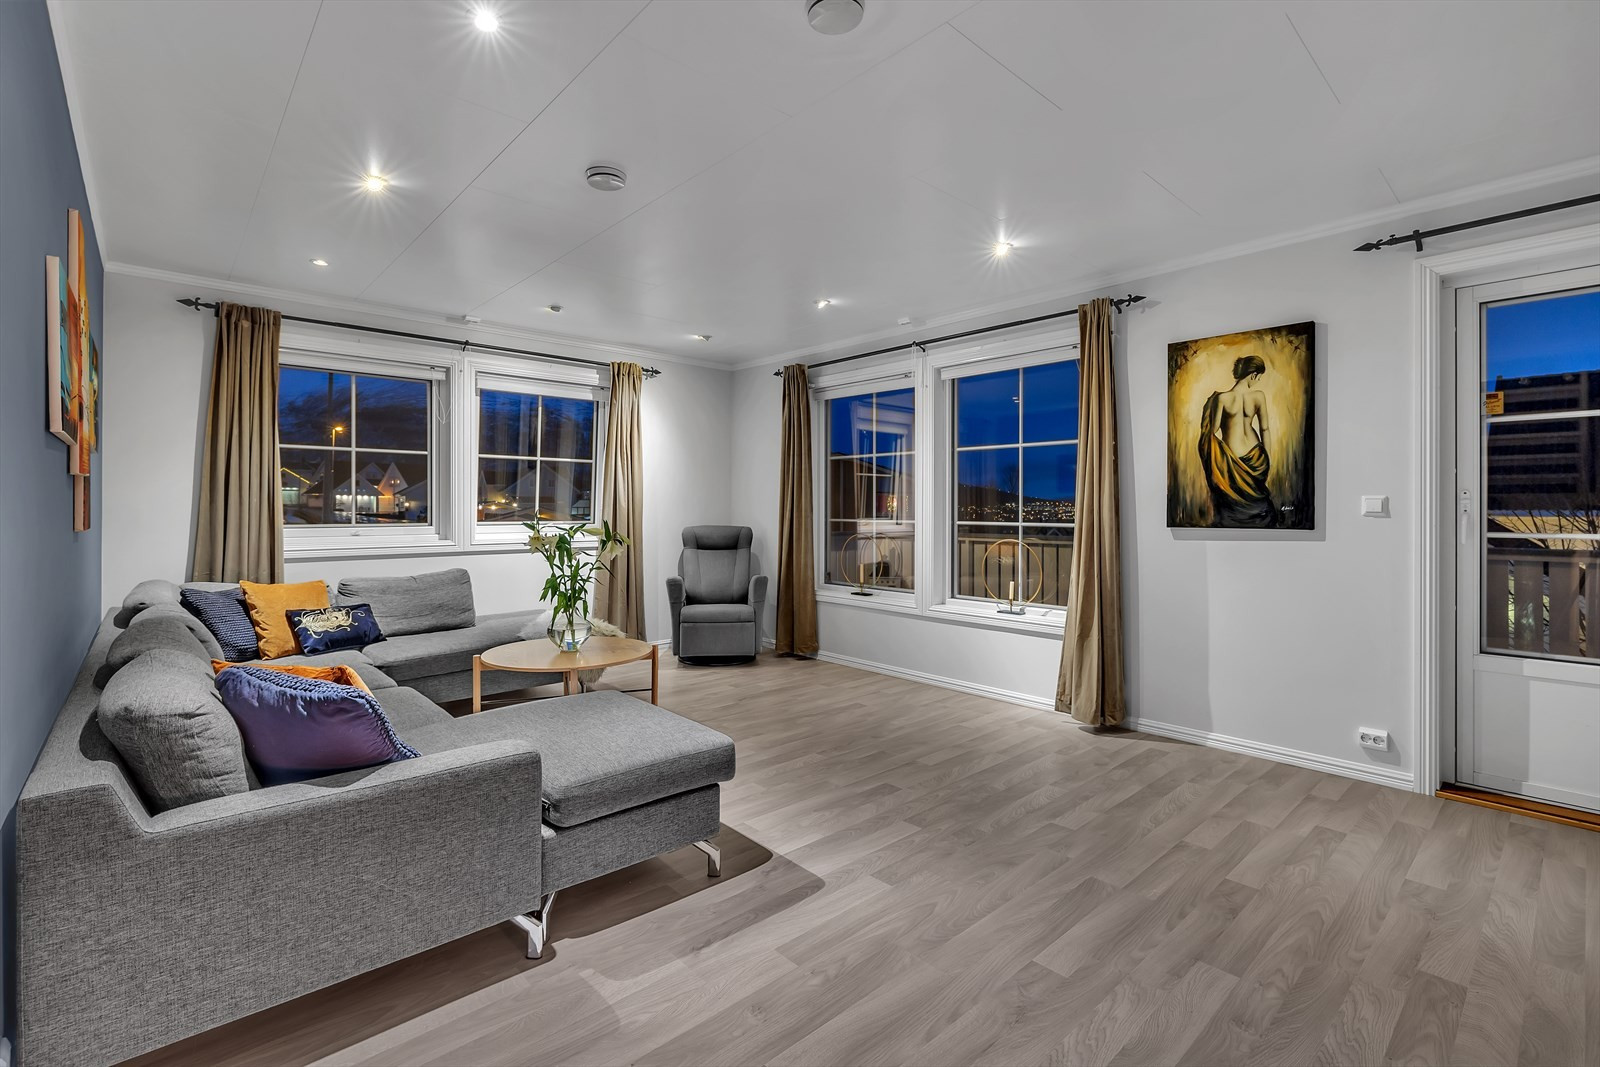 Lys og fin stue. Oppgradert med nyere gulv, vegger, listverk og downlights i taket